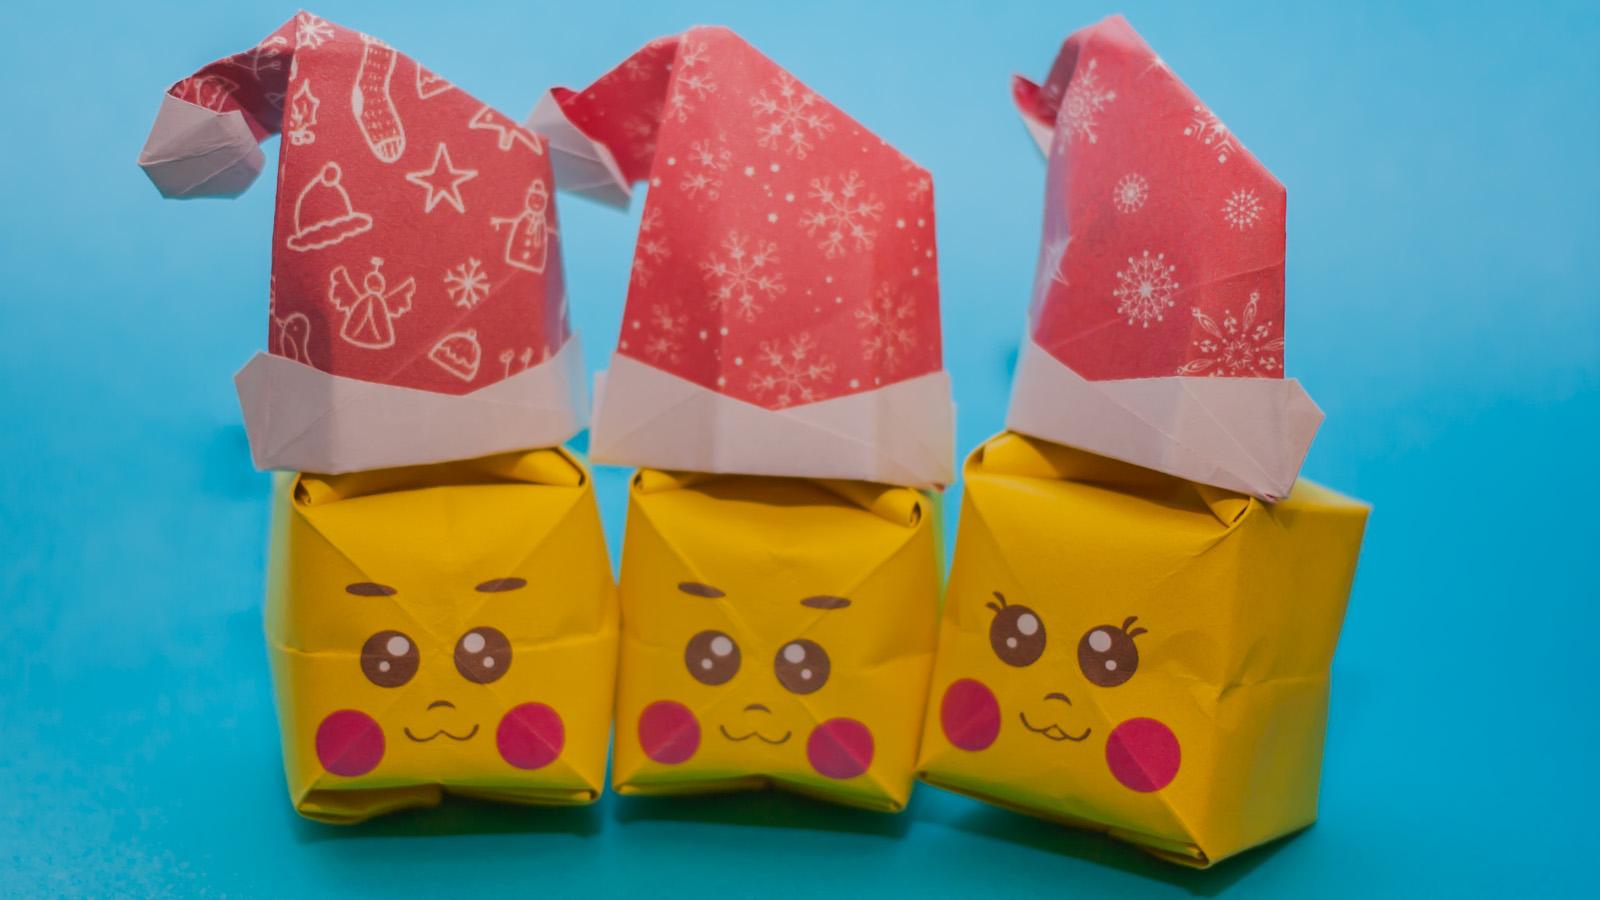 พับกระดาษเป็นรูปแก๊งค์คริสต์มาสปิกาจู